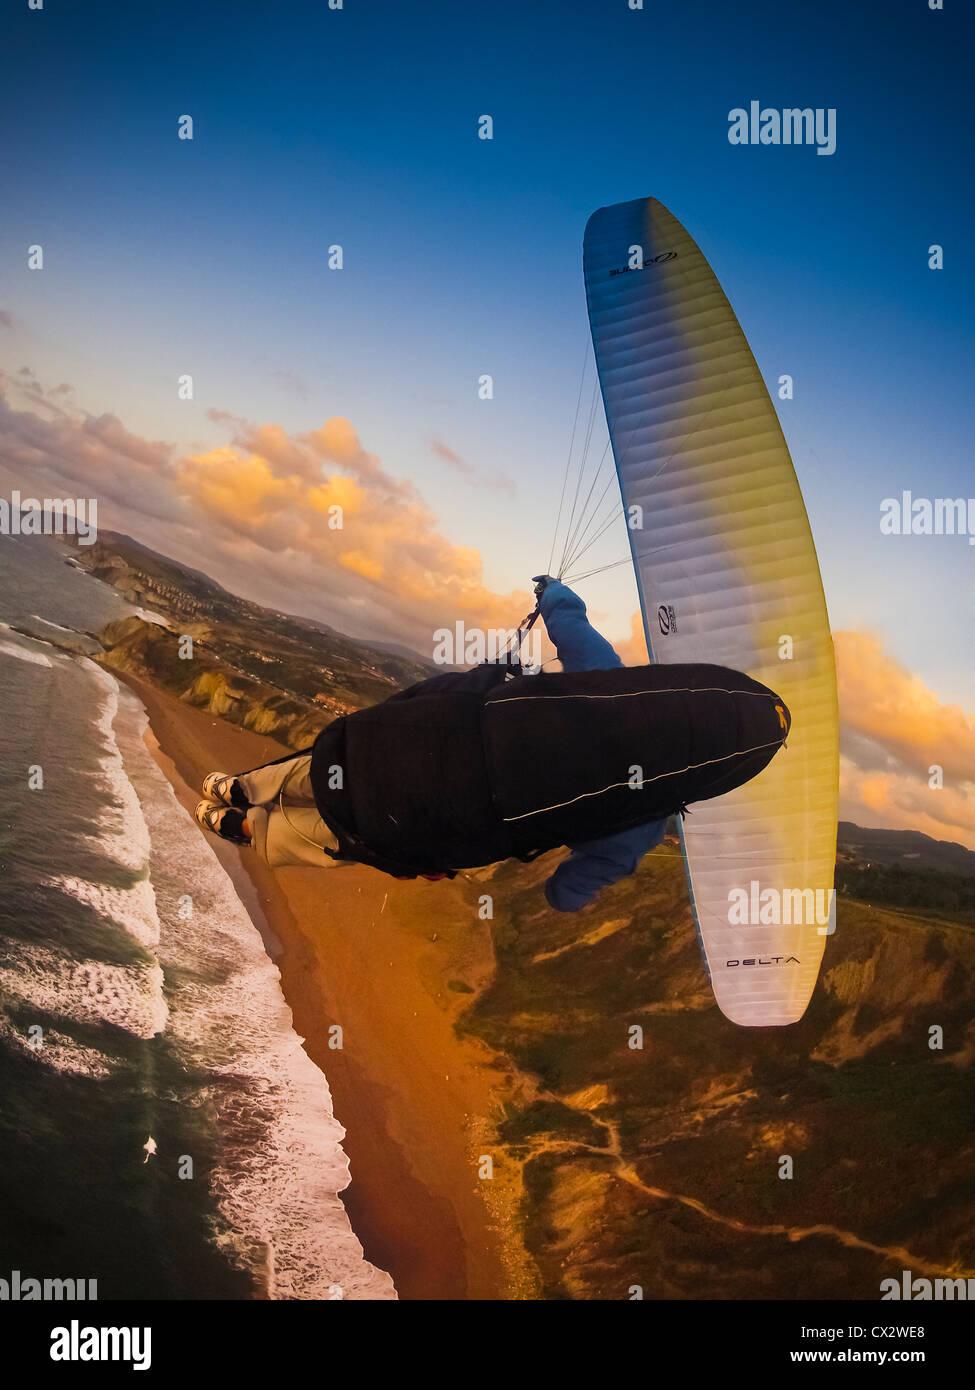 El parapente, el vuelo libre a lo largo de la costa de España, Sopelana, País Vasco, riesgo, deporte, Imagen De Stock